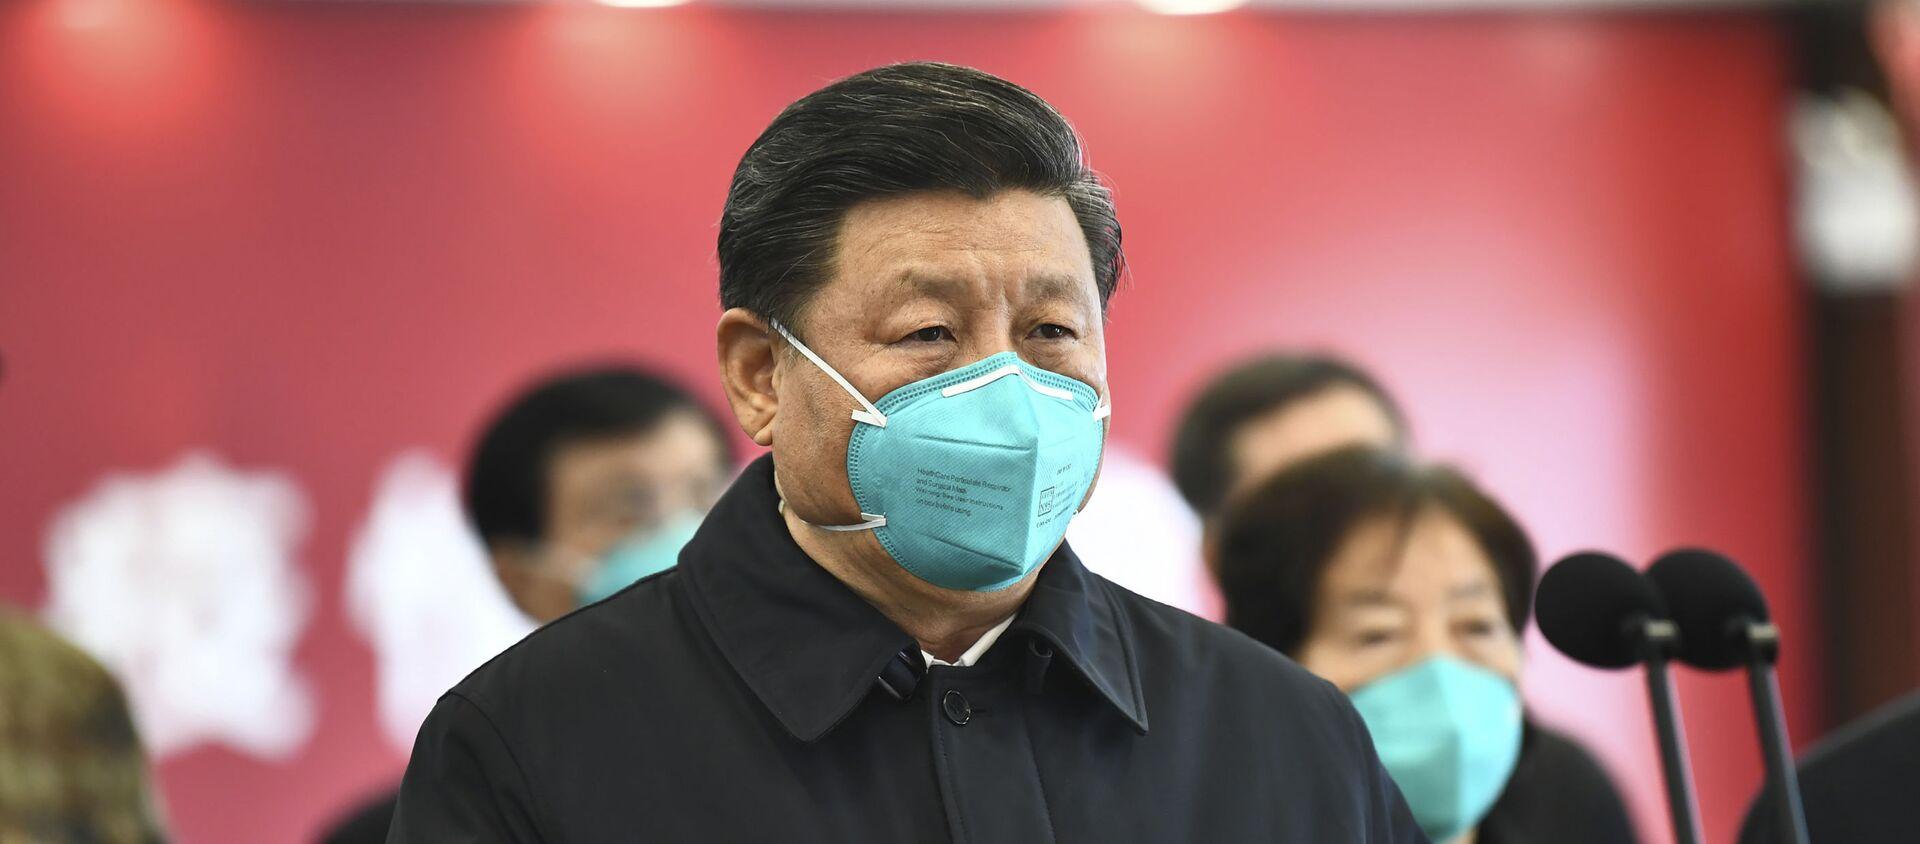 新型コロナウイルス収束後の中国の復興が世界経済の危機脱却を助ける - Sputnik 日本, 1920, 31.08.2020